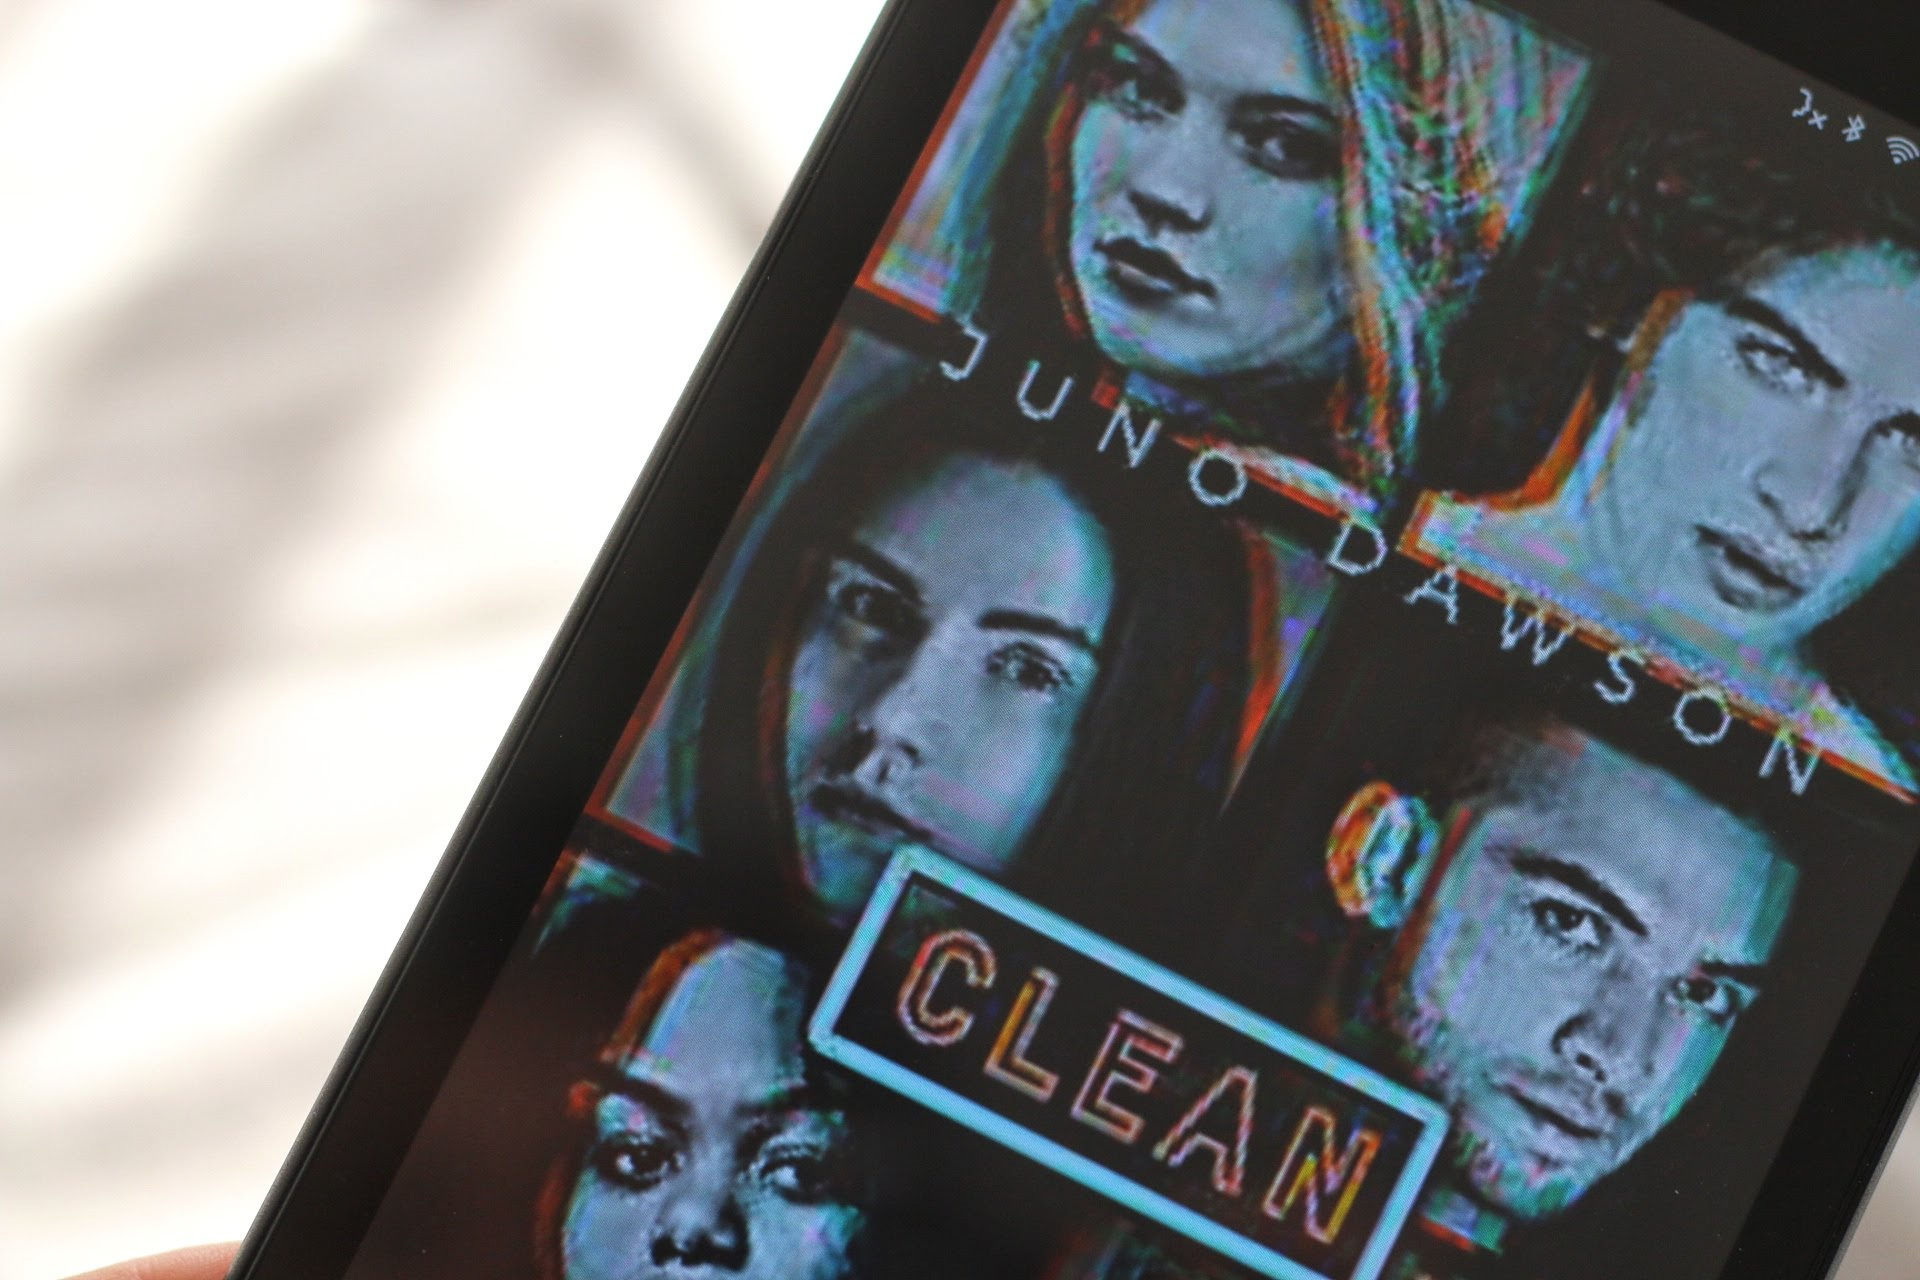 Juno Dawson Clean Carlsen Verlag Rezension Netgalley Rezensionsexemplar Jugendbuch Entzug Lexi